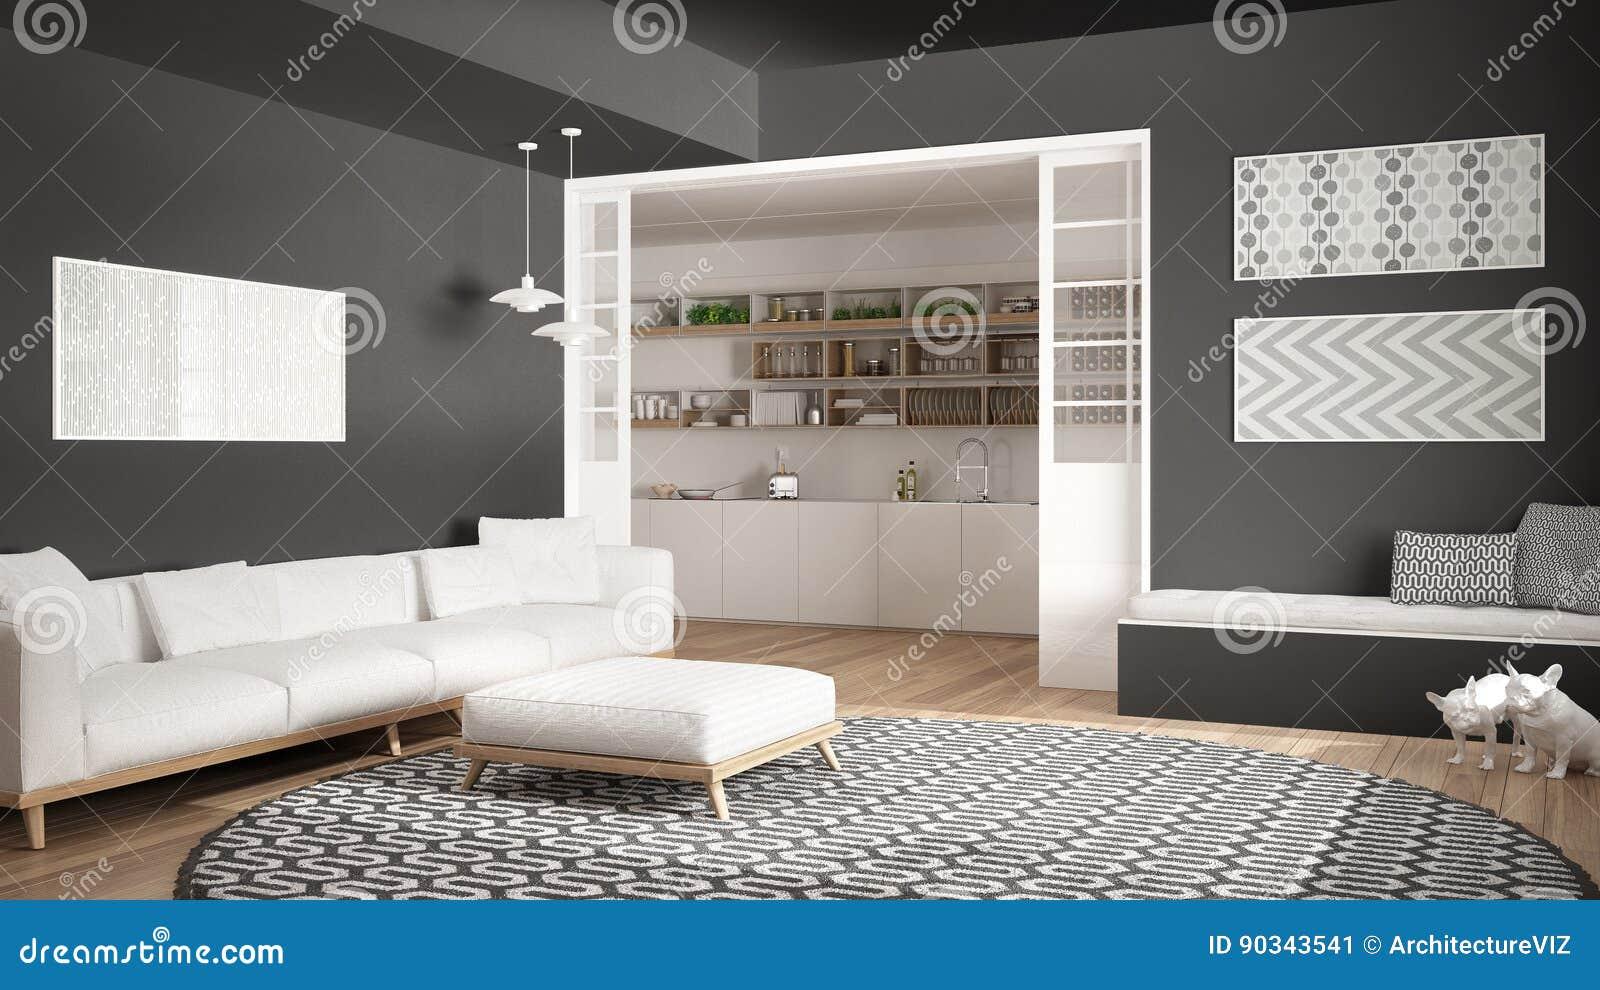 Minimalistische woonkamer met bank grote ronde tapijt en keuken i